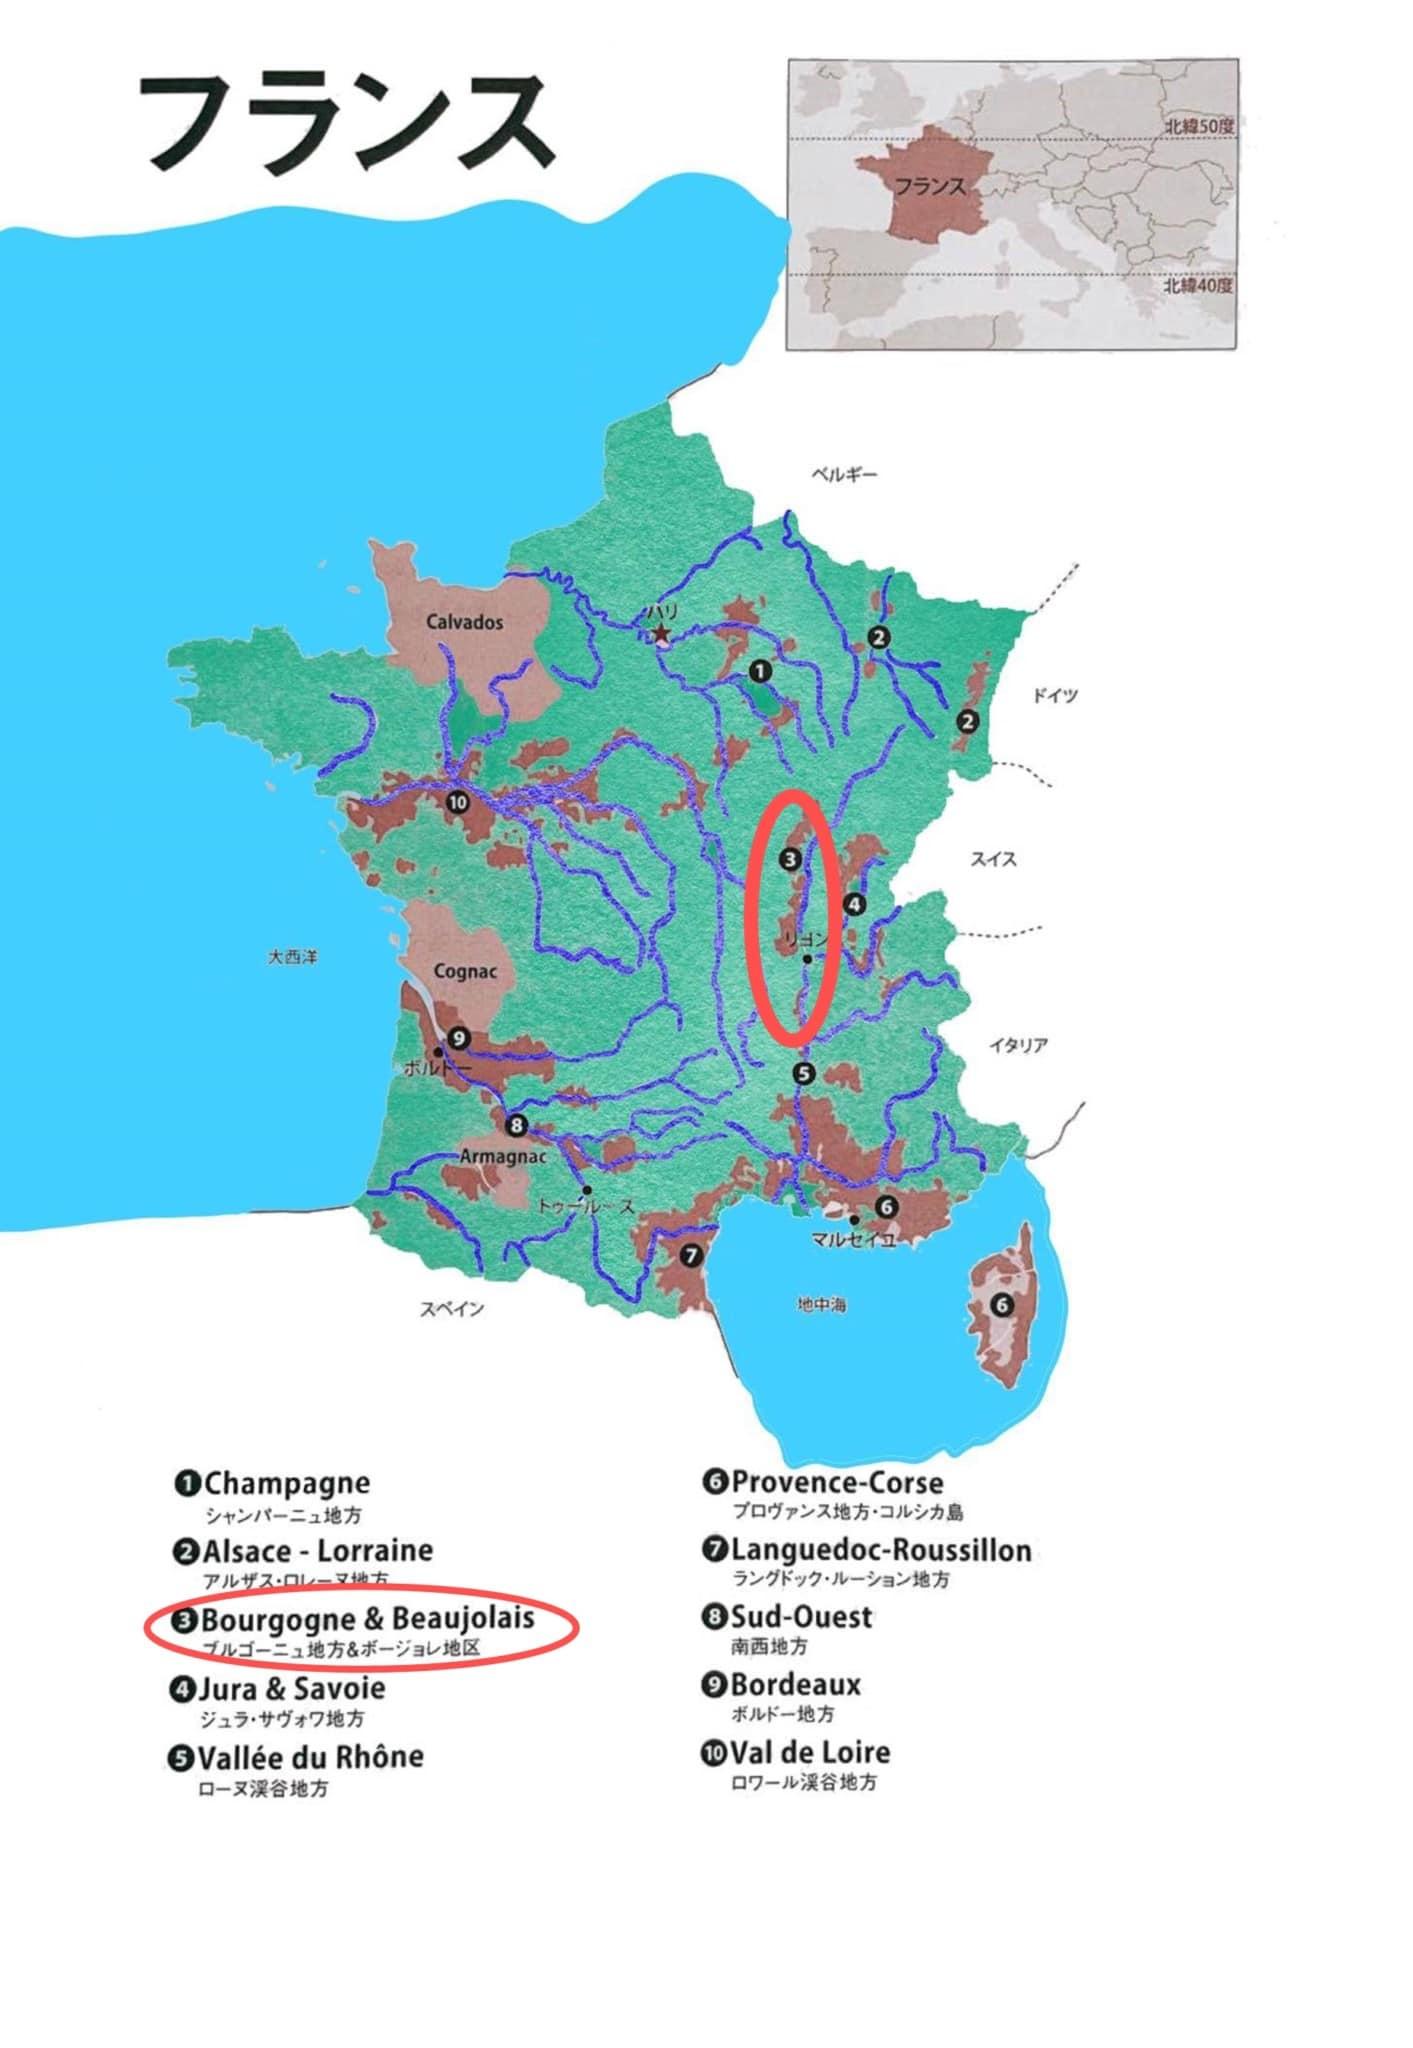 ブルゴーニュ地方地図